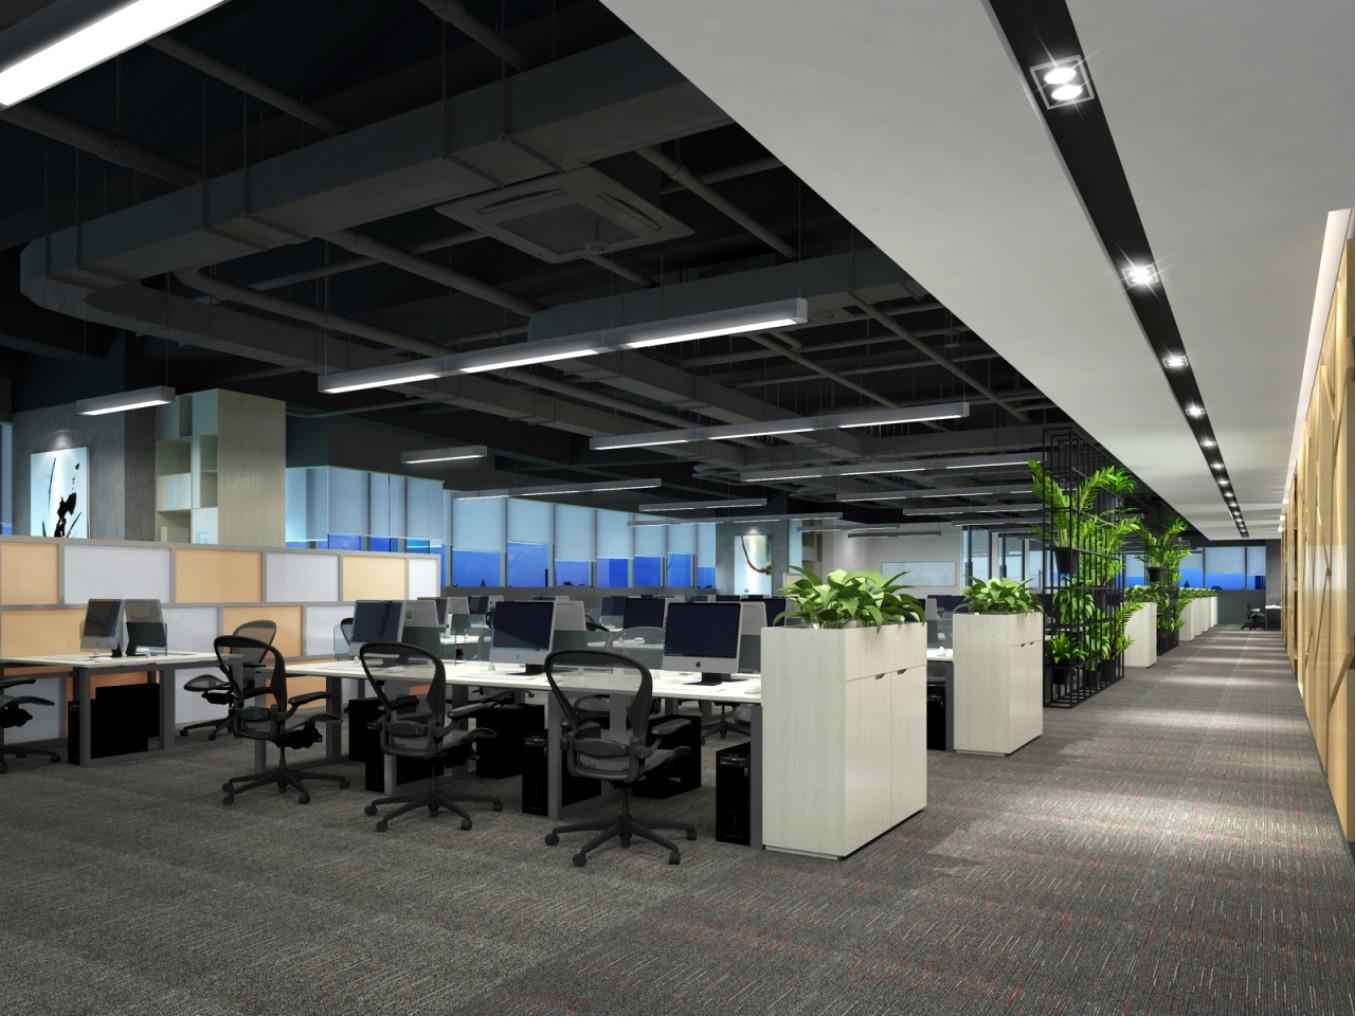 旧改商业设计_商业模式解析相关-深圳市唯创装饰设计工程有限公司